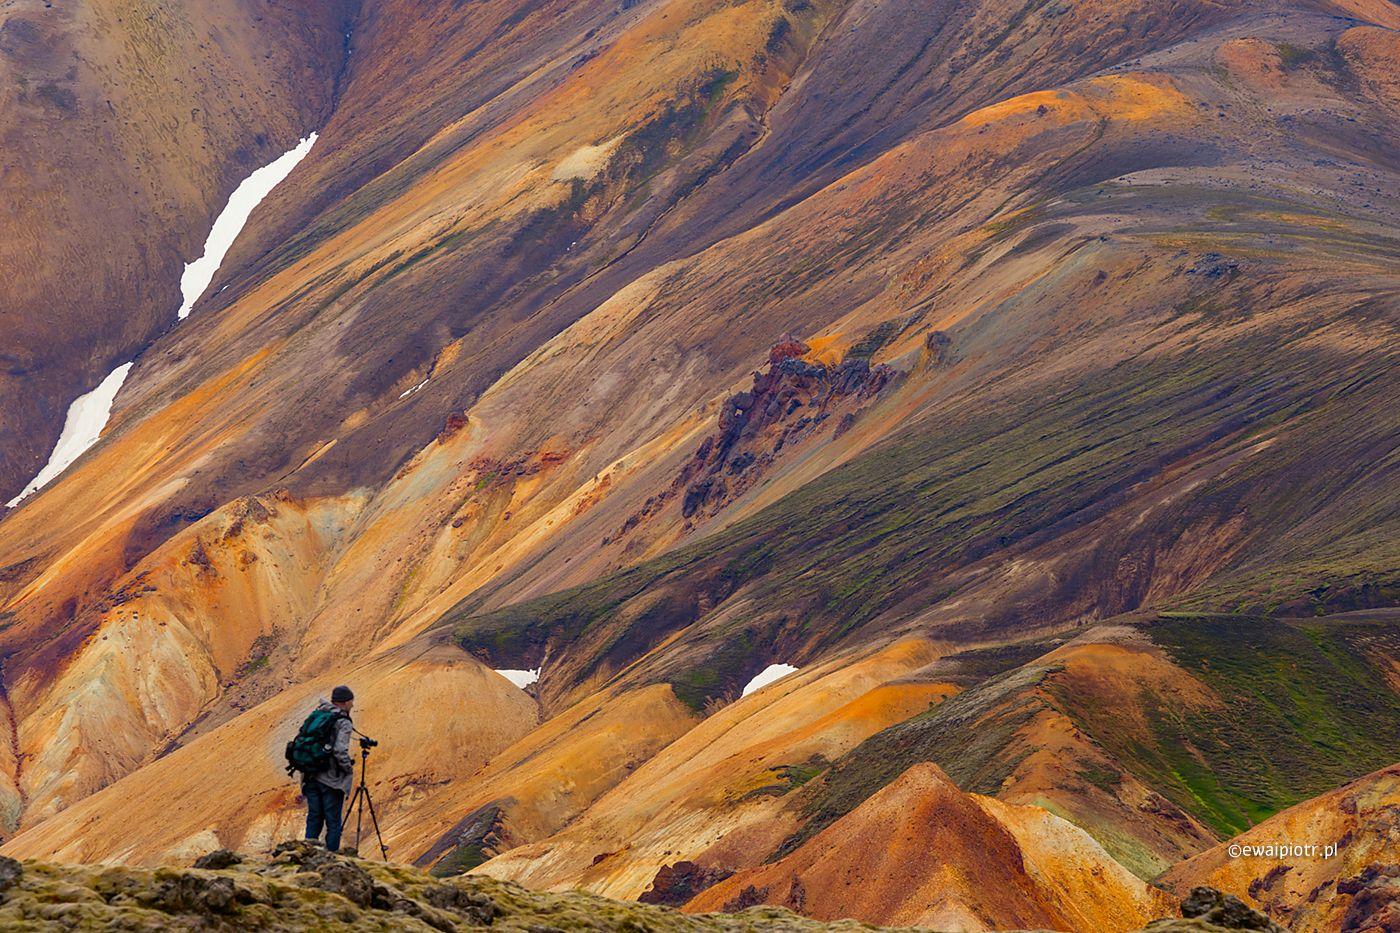 Fotograf wśród wzgórz Landmannalaugar, Islandia fotowyprawa